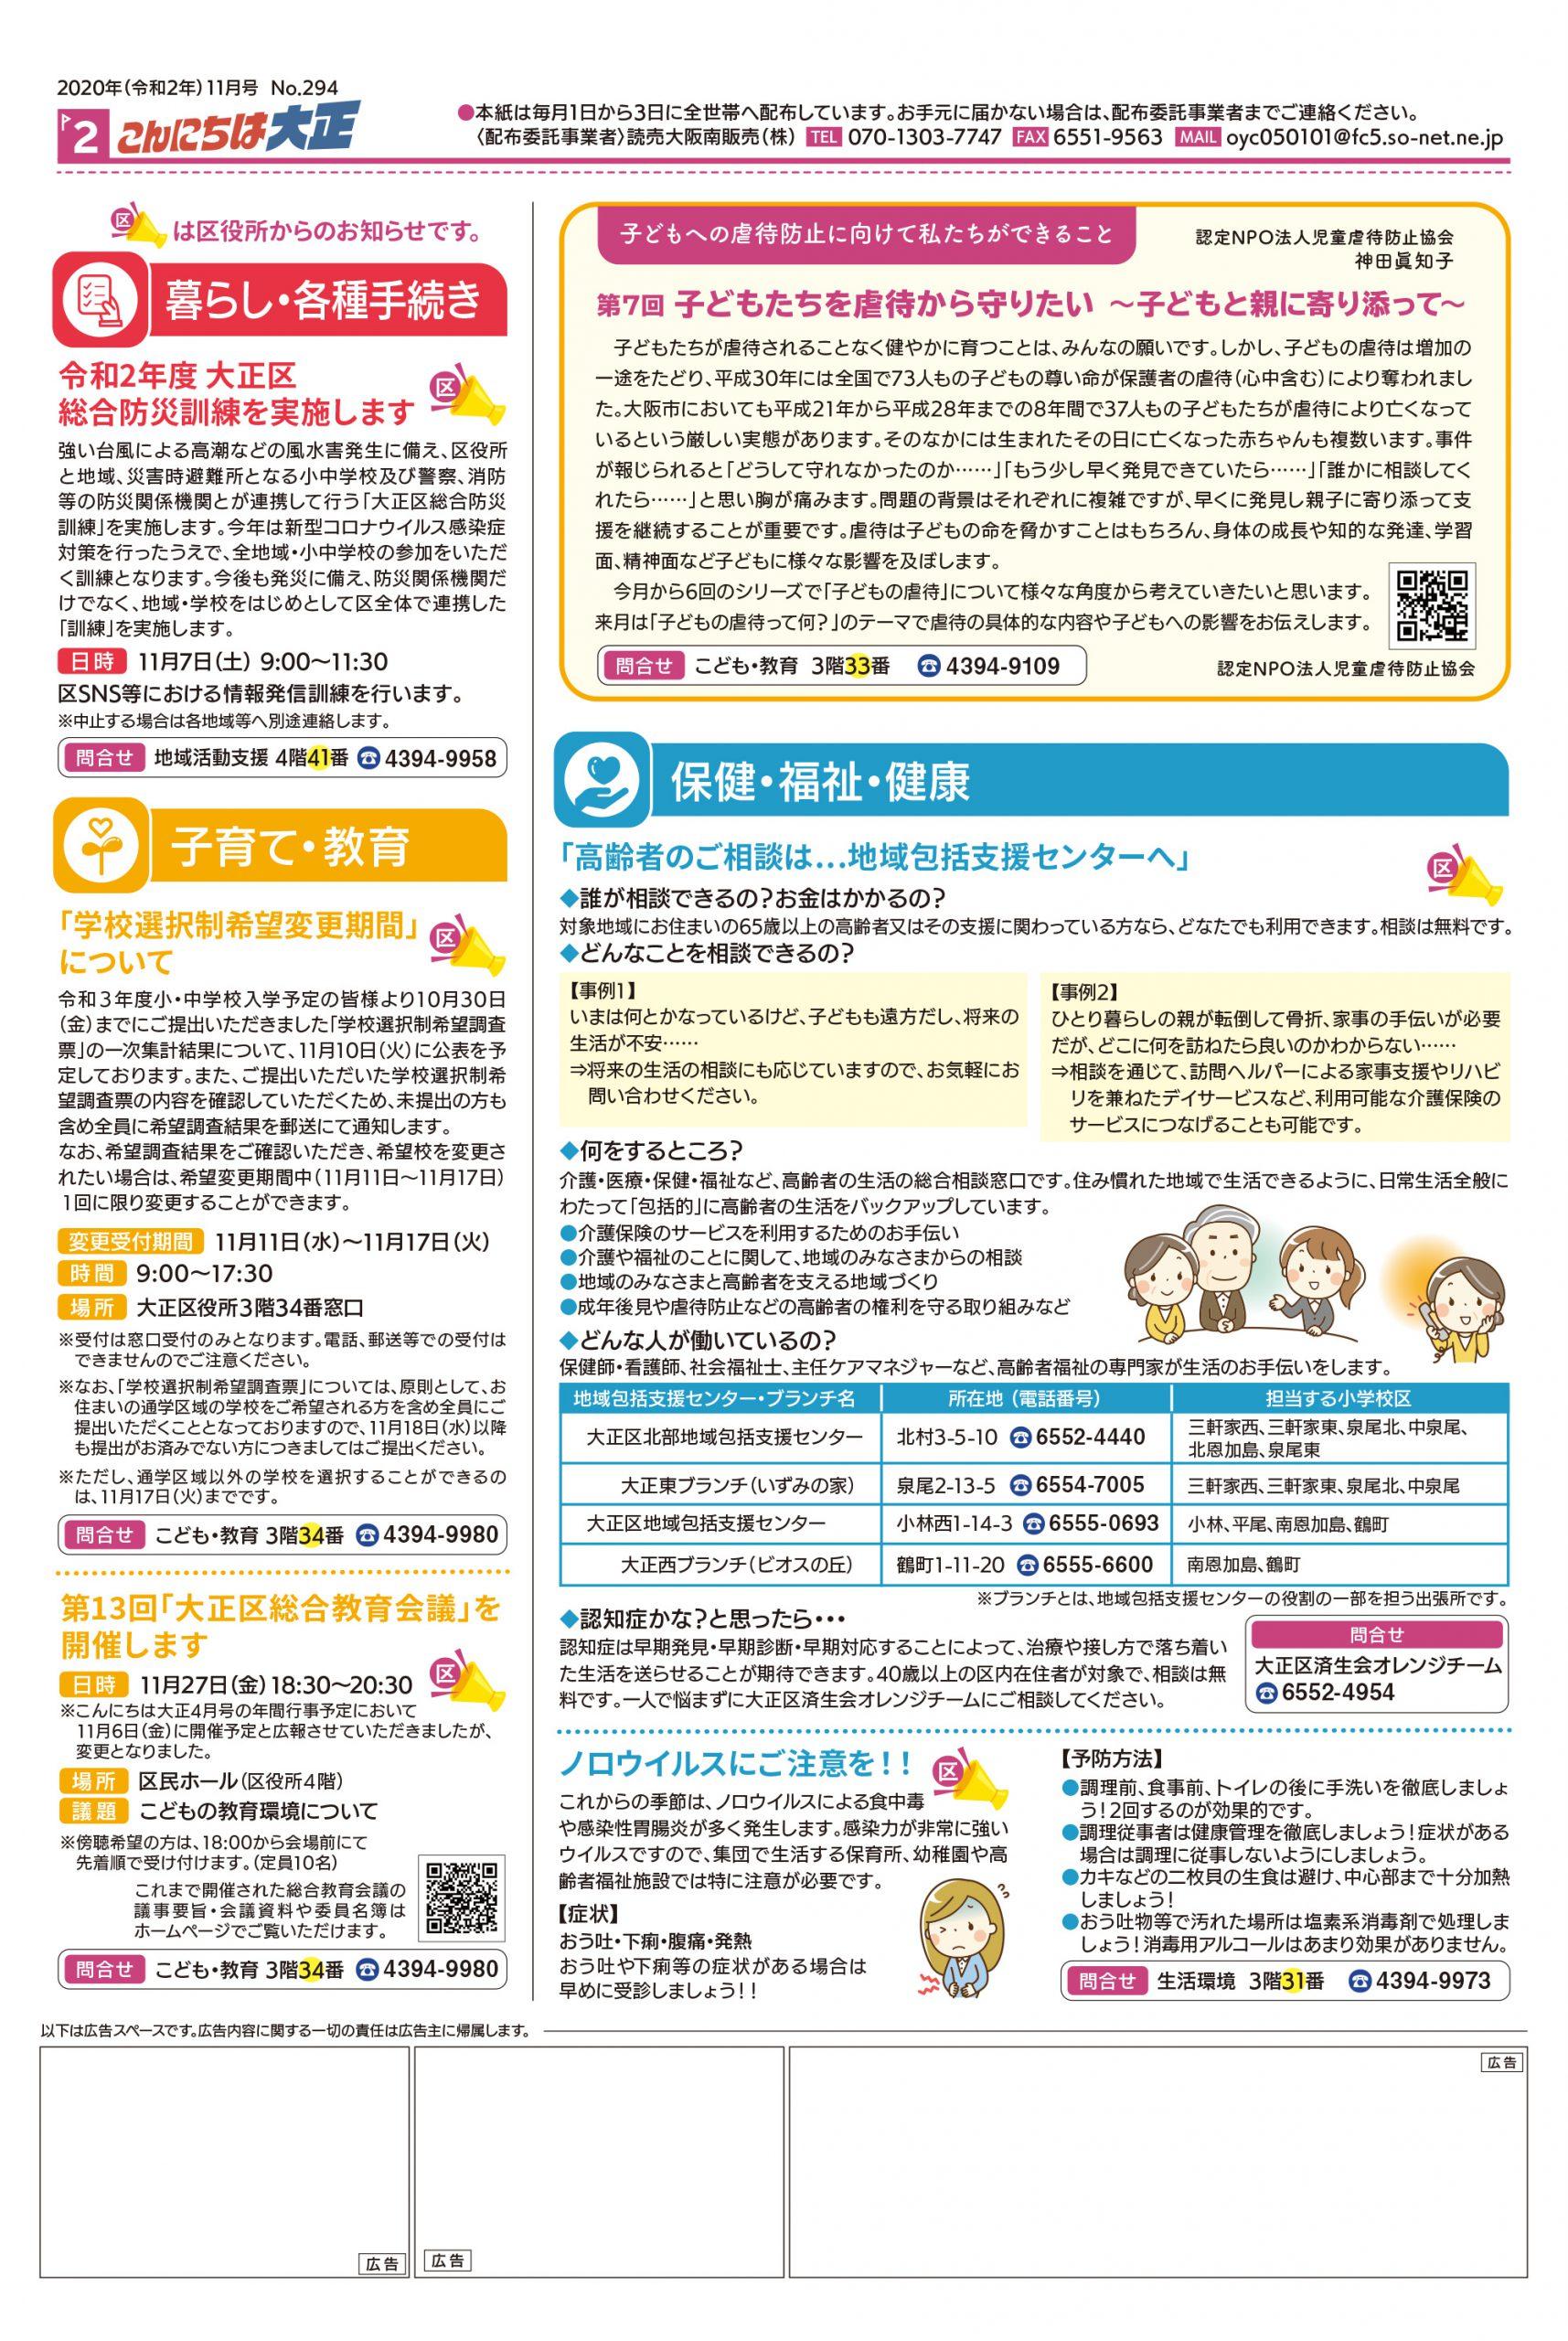 こんにちは大正11月号|2020.11 第36回たいしょう人権展(大阪市大正区)